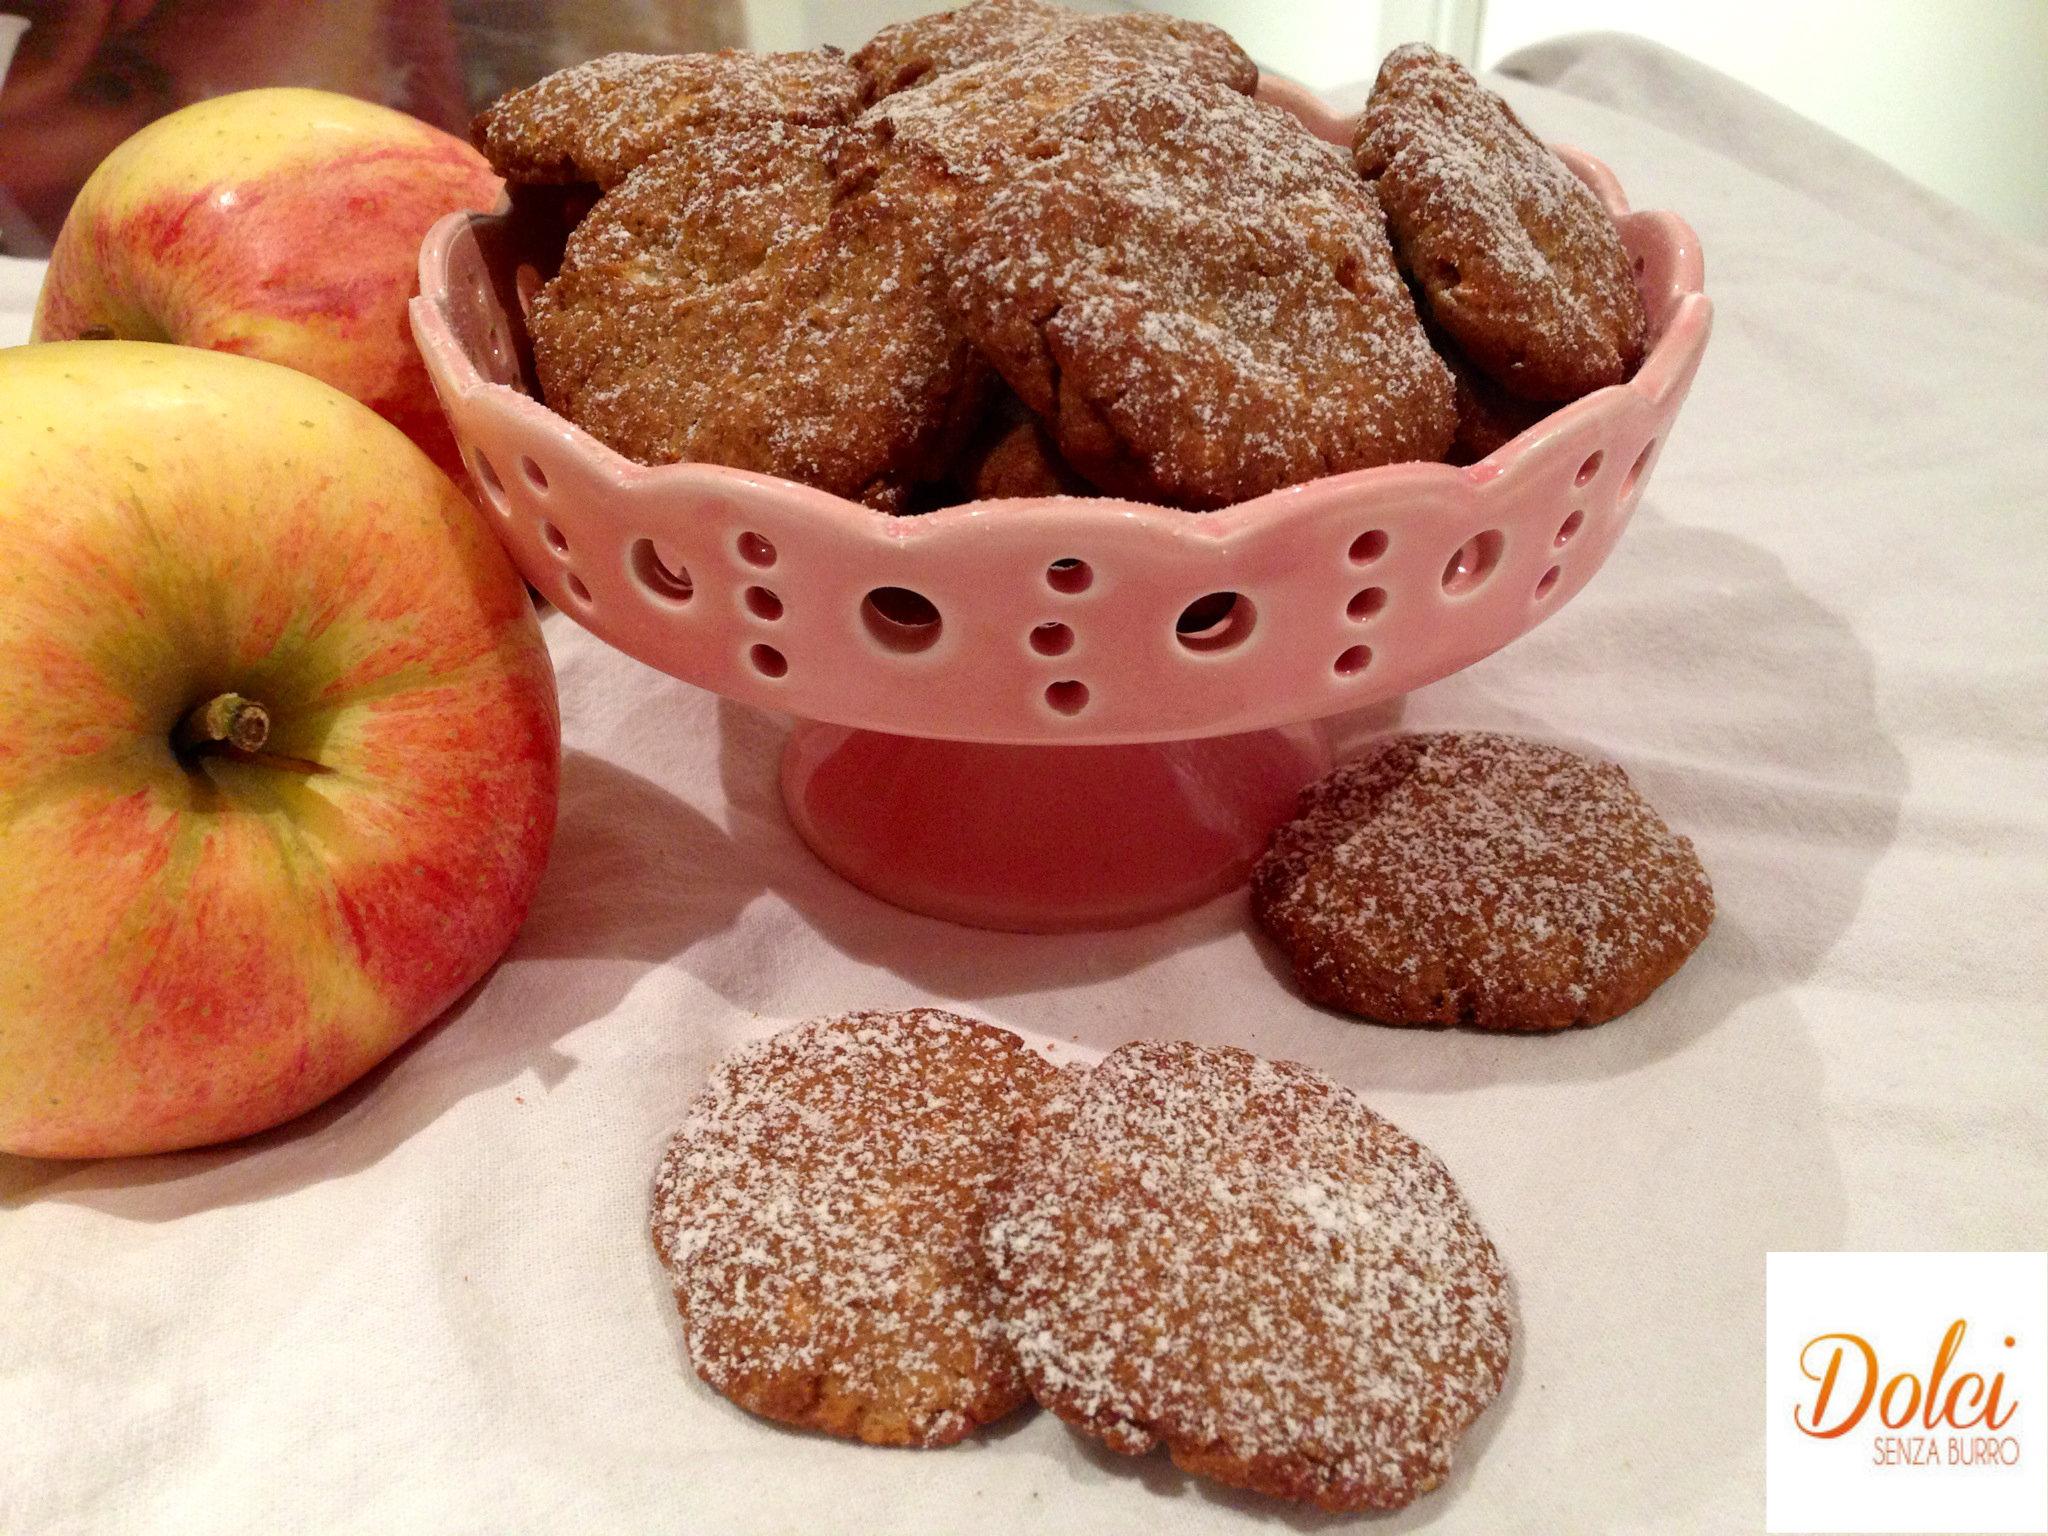 Biscotti al grano saraceno e mela, senza lattosio uova e glutine e zucchero, la rivelazione di dolci senza burro